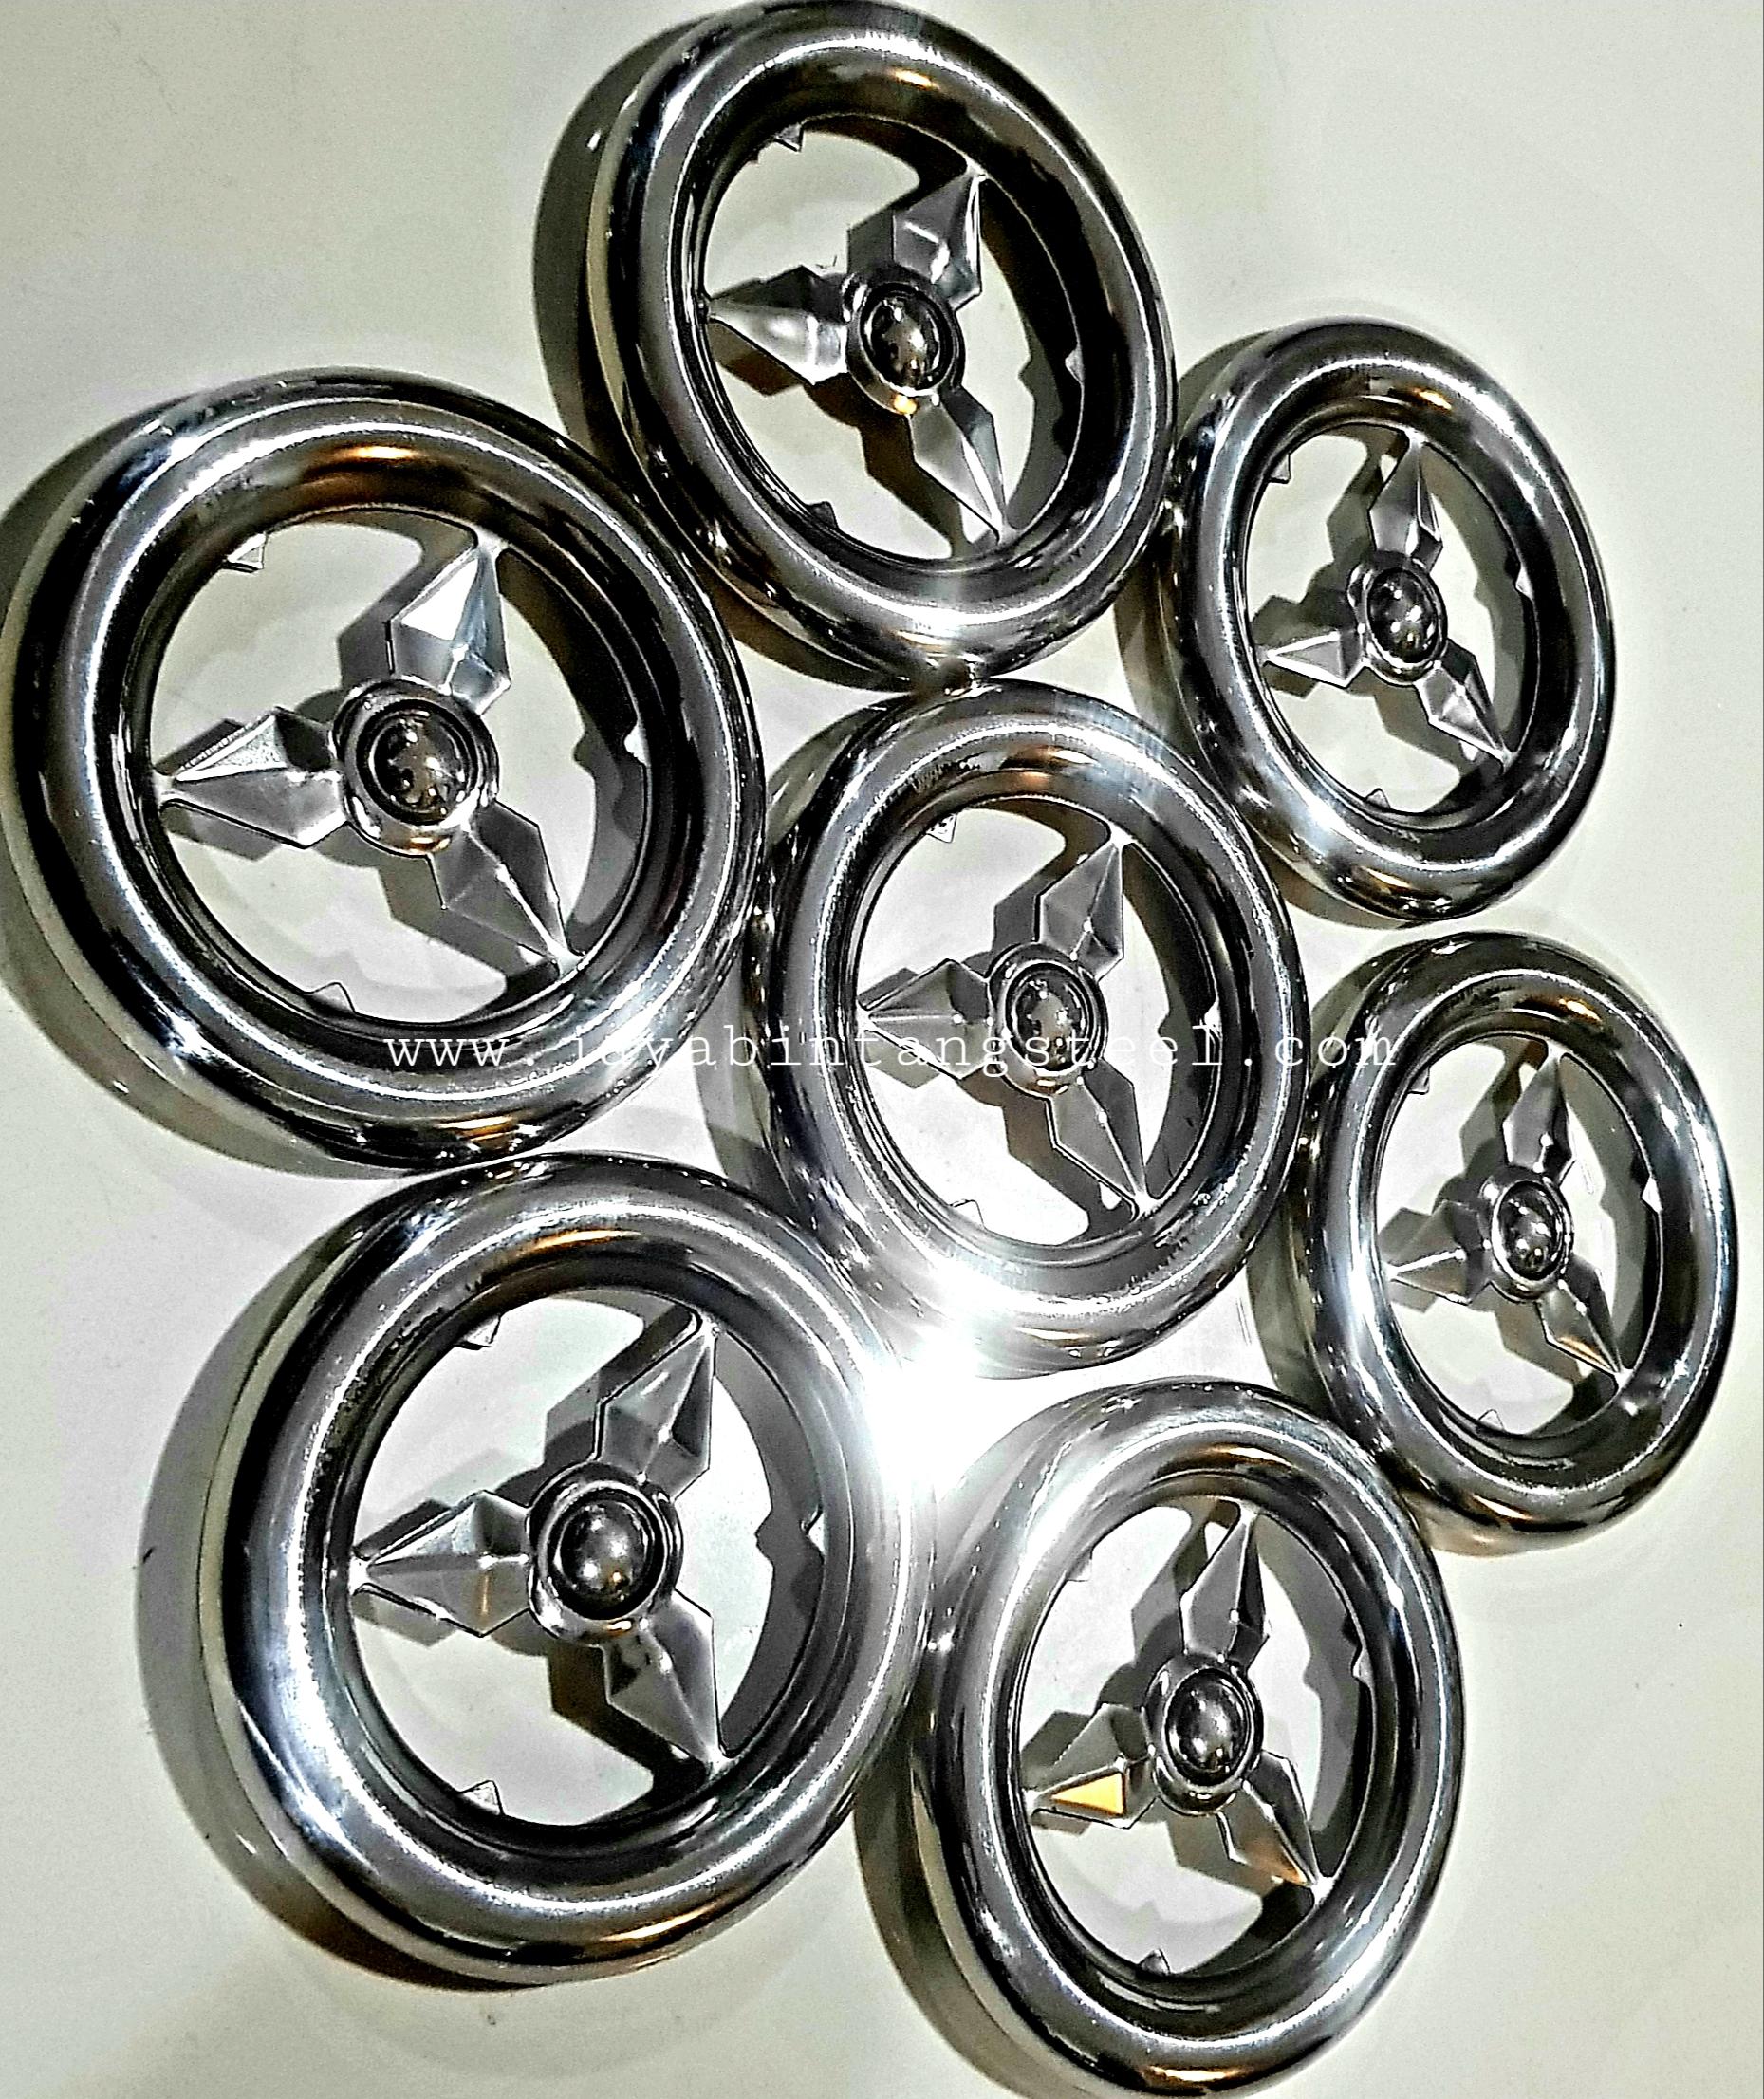 Aksesoris stainless Gelang Benz 10cm